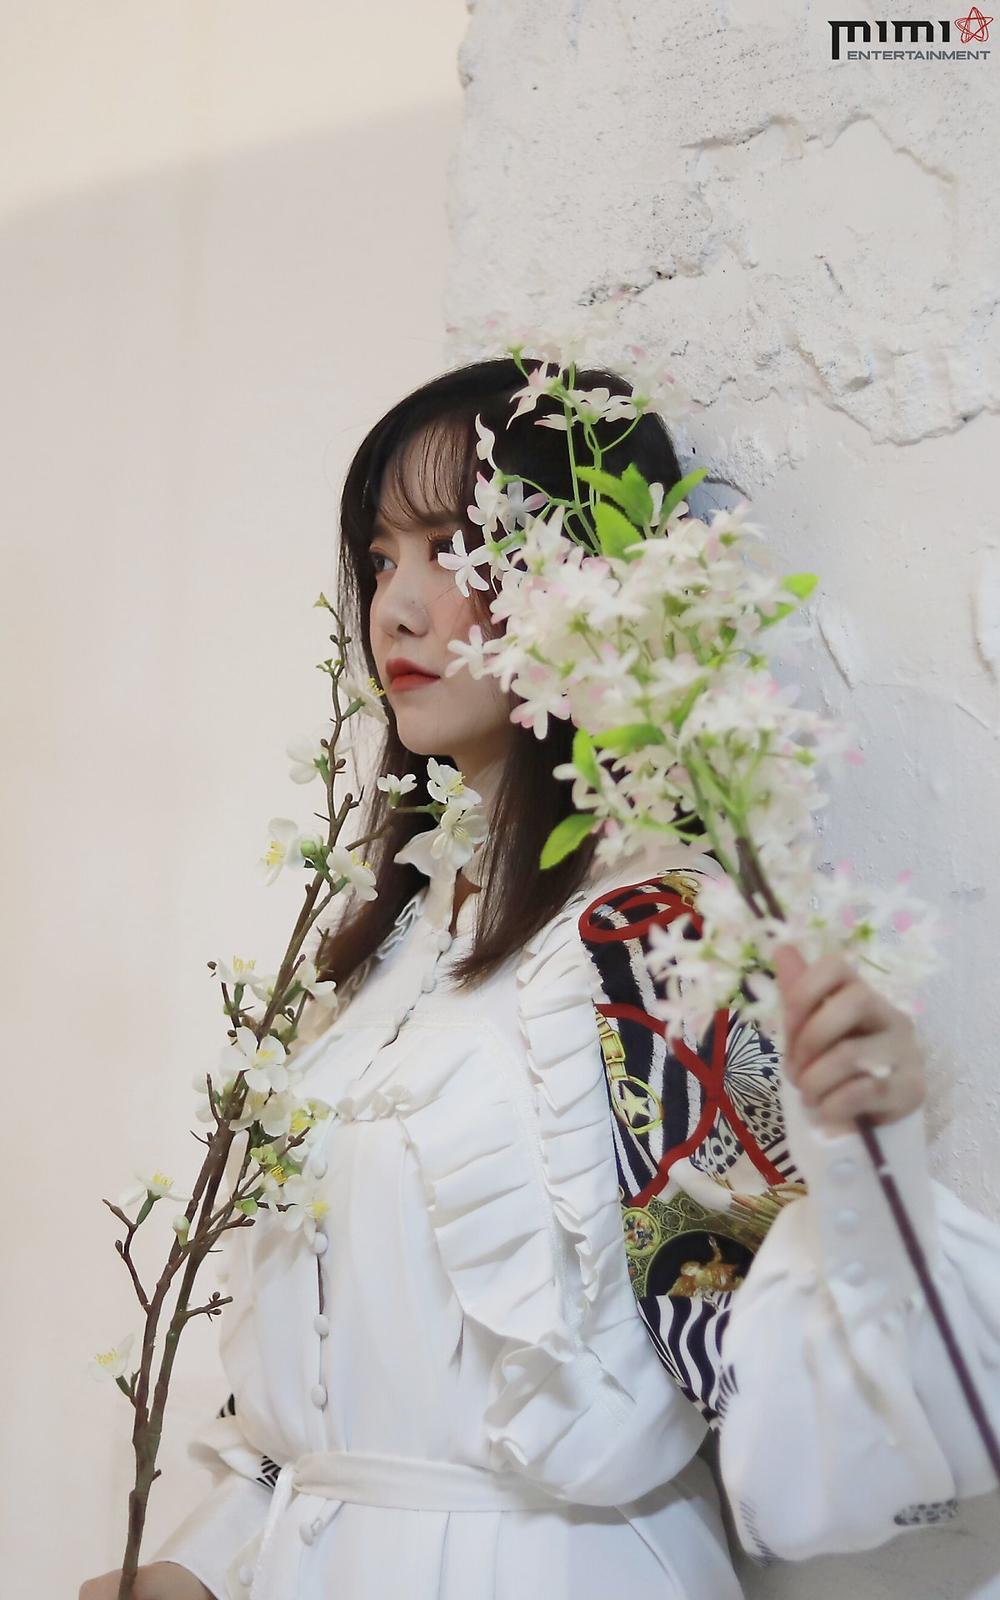 Goo Hye Sun giảm 14 kg, mảnh mai như thời 'Vườn sao băng': Ly hôn là đúng đắn! Ảnh 9